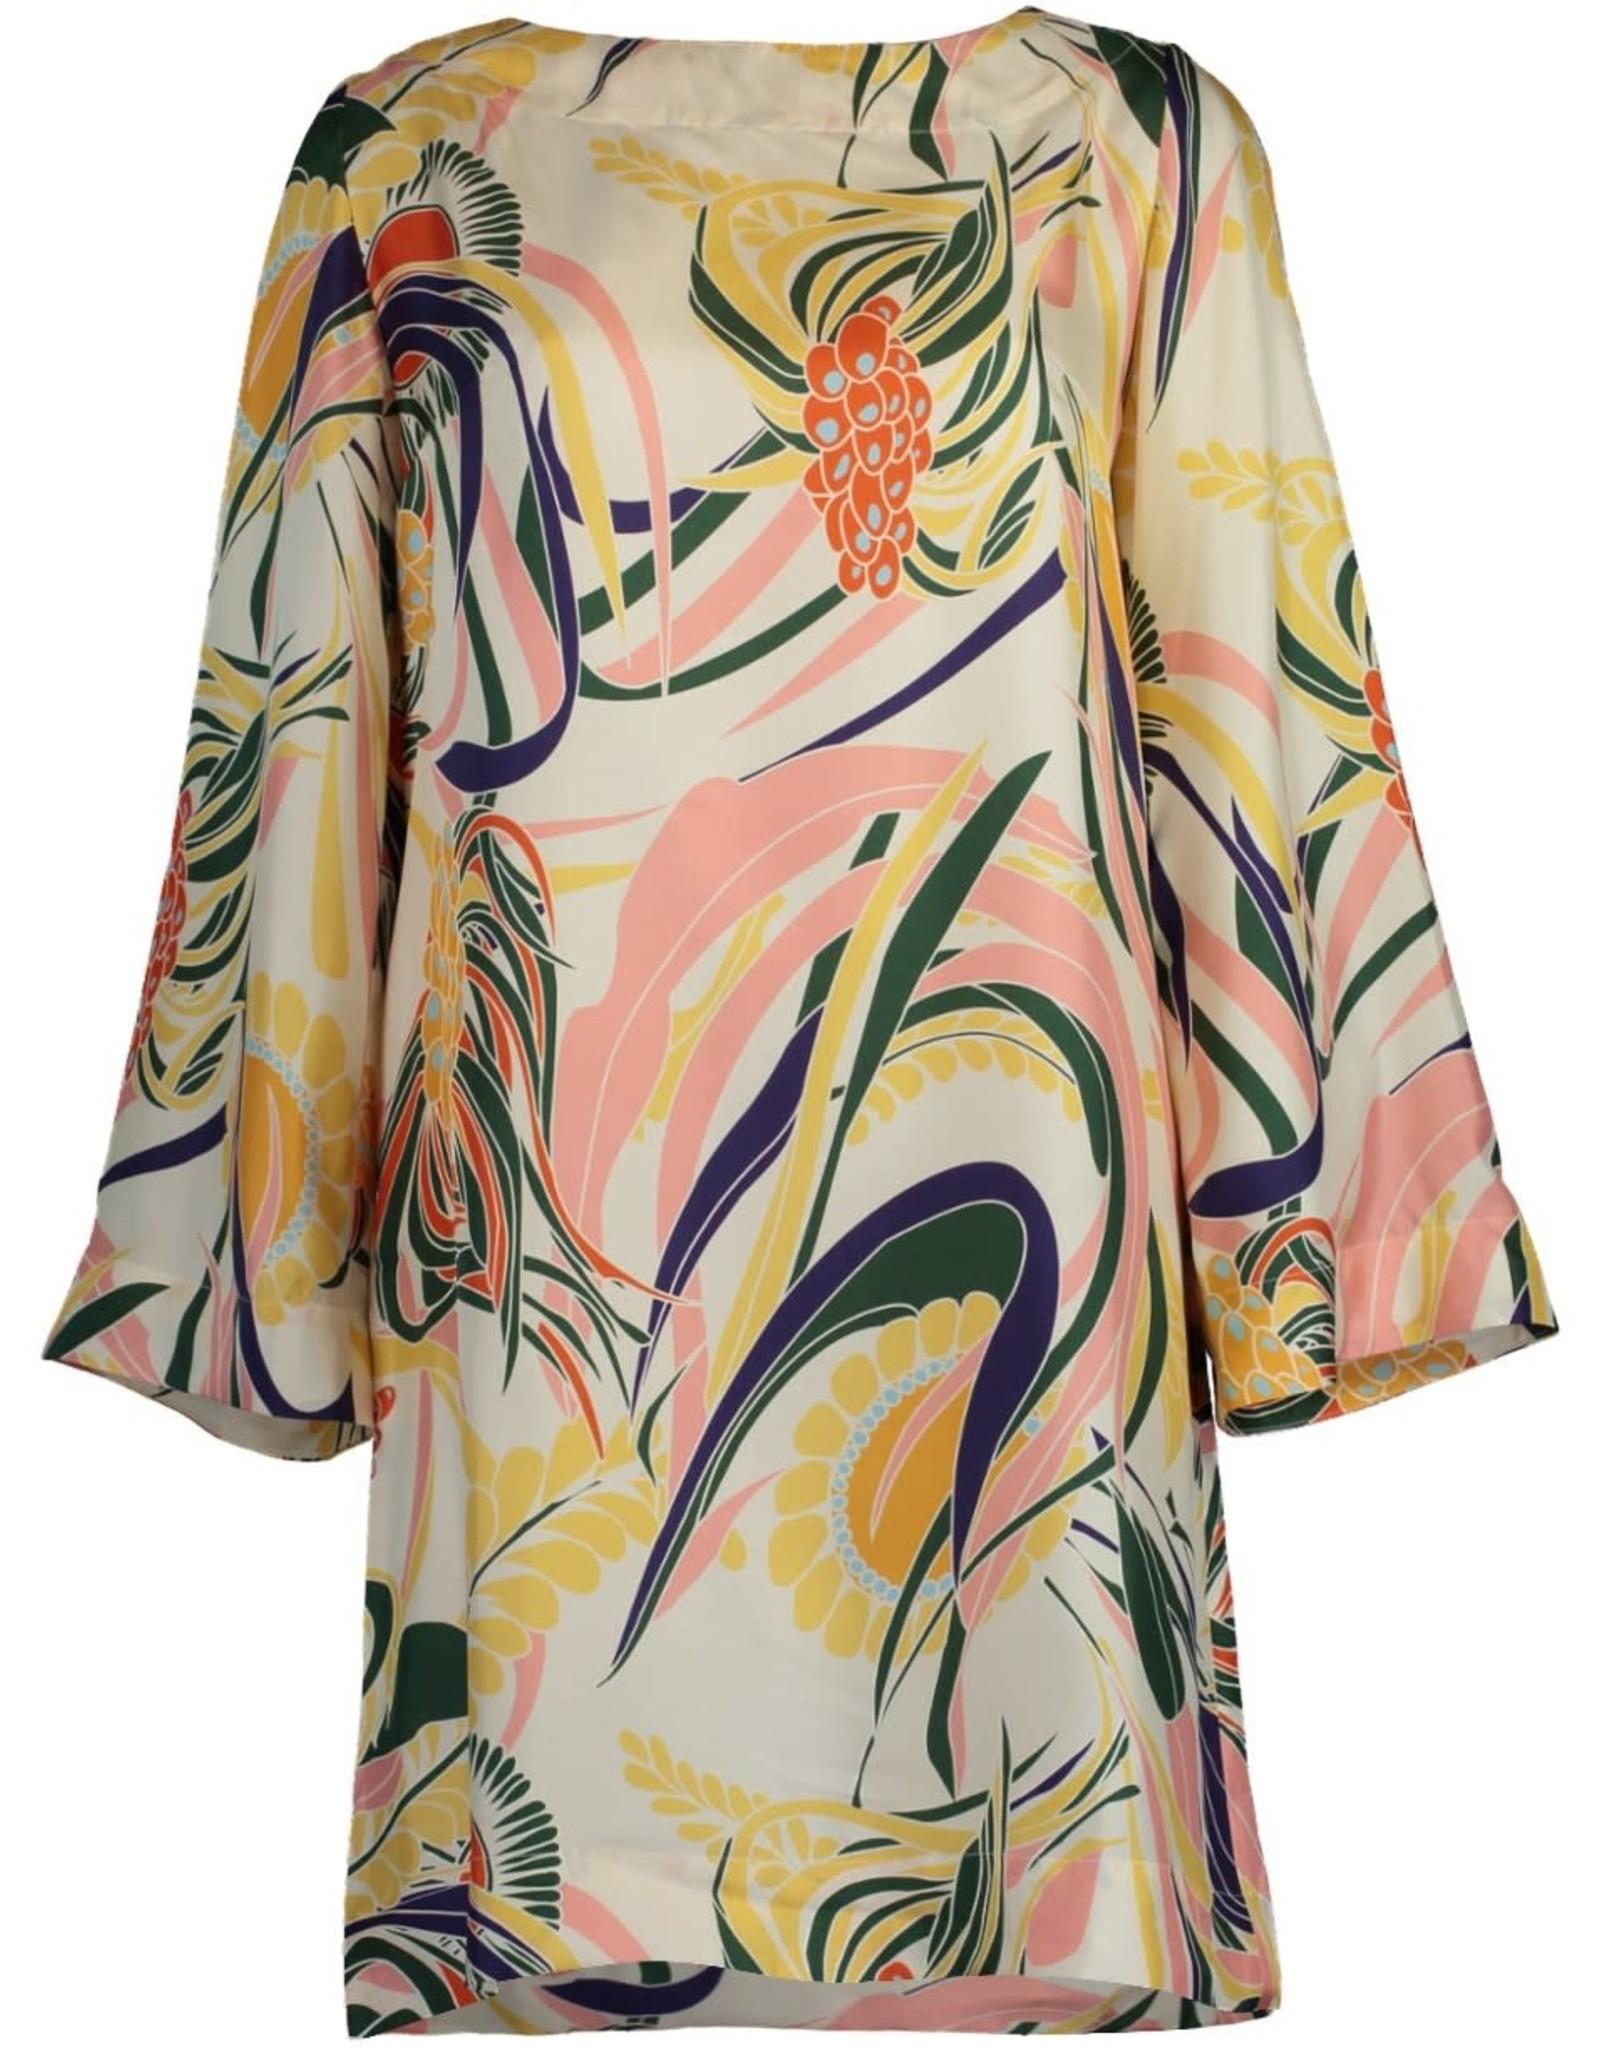 LA PRESTIC OUISTON - Madrid Dress